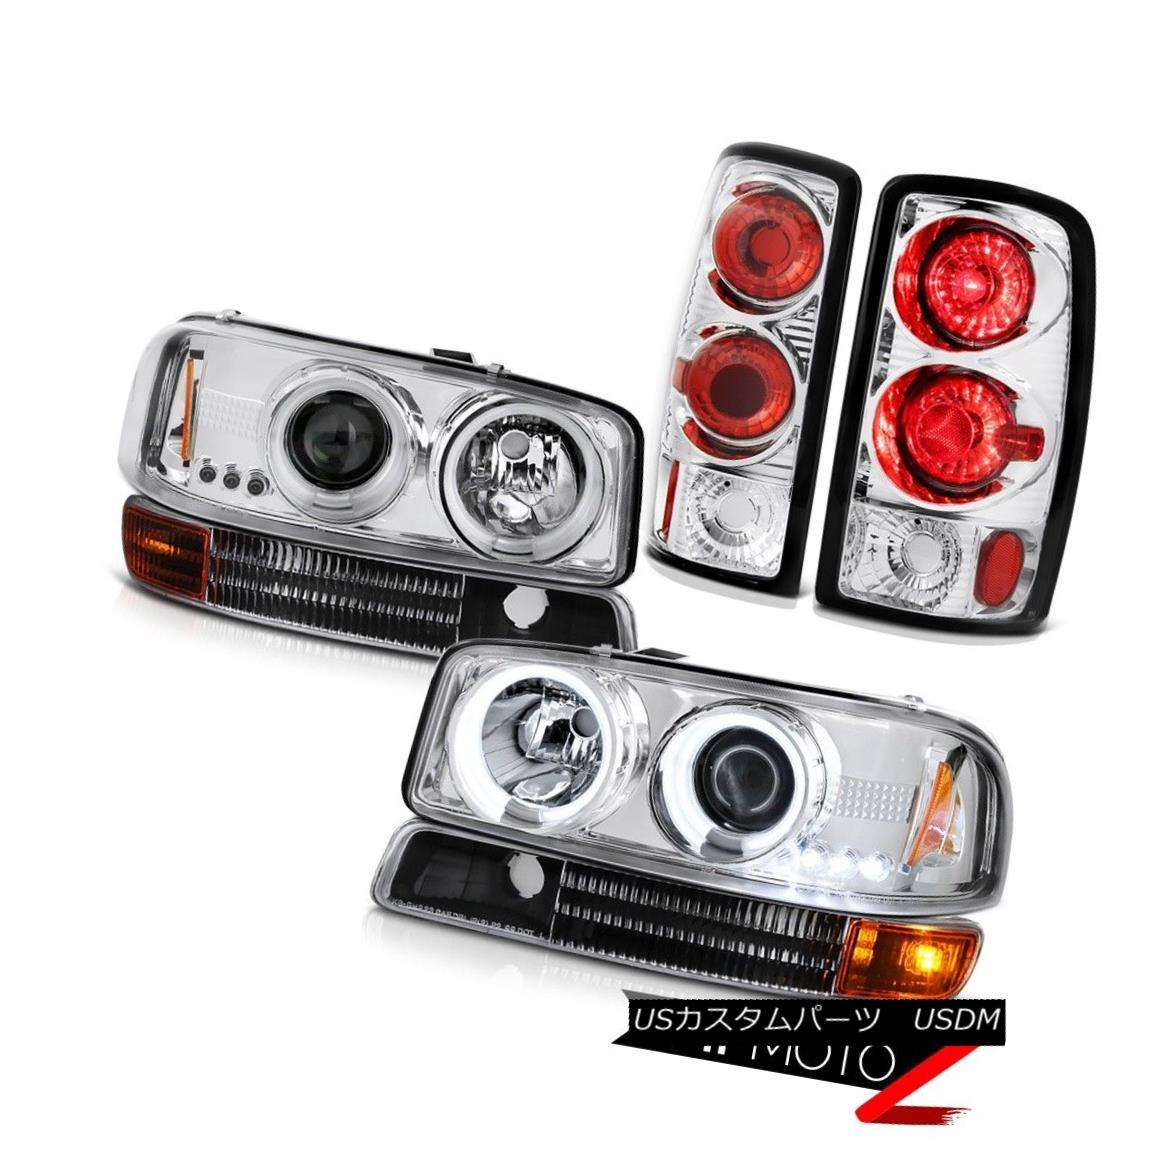 ヘッドライト CCFL Halo Headlights 2000-2006 GMC Yukon Black Bumper Parking Brake Tail Lights CCFL Haloヘッドライト2000-2006 GMC Yukonブラックバンパー駐車ブレーキテールライト